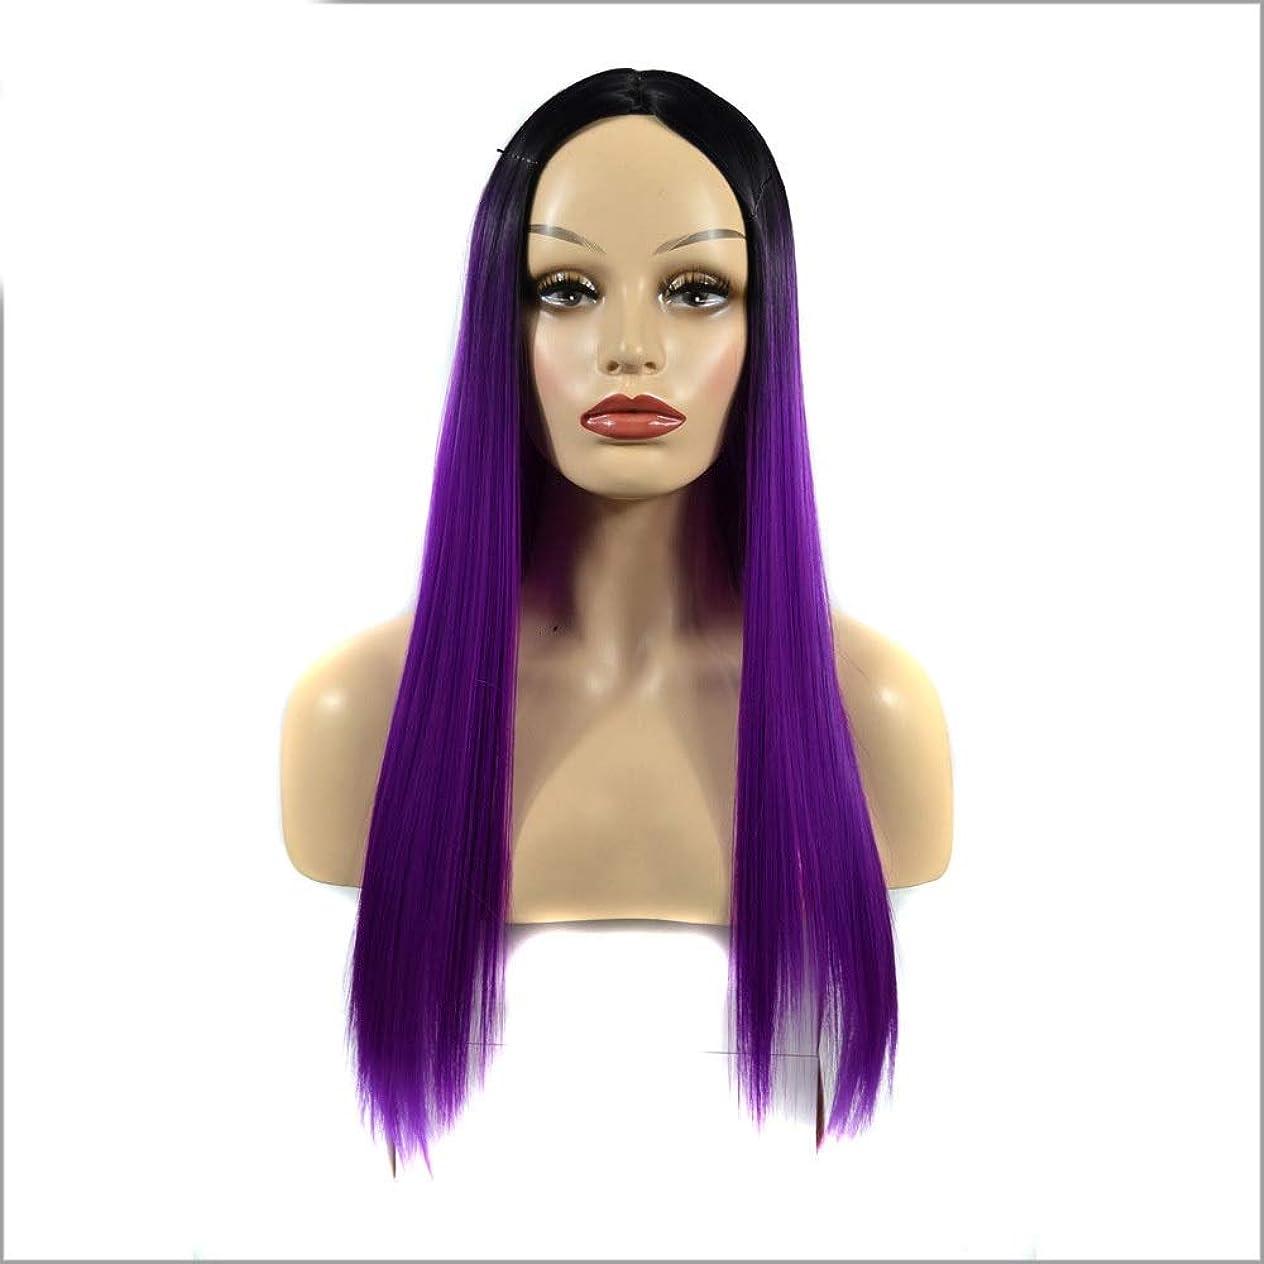 見積り計算するギャングスターYESONEEP 女性のシルキーロングストレートパープル耐熱合成かつら前髪付きパーティードレスウィッグパーティーかつら (色 : 紫の, サイズ : 60cm)